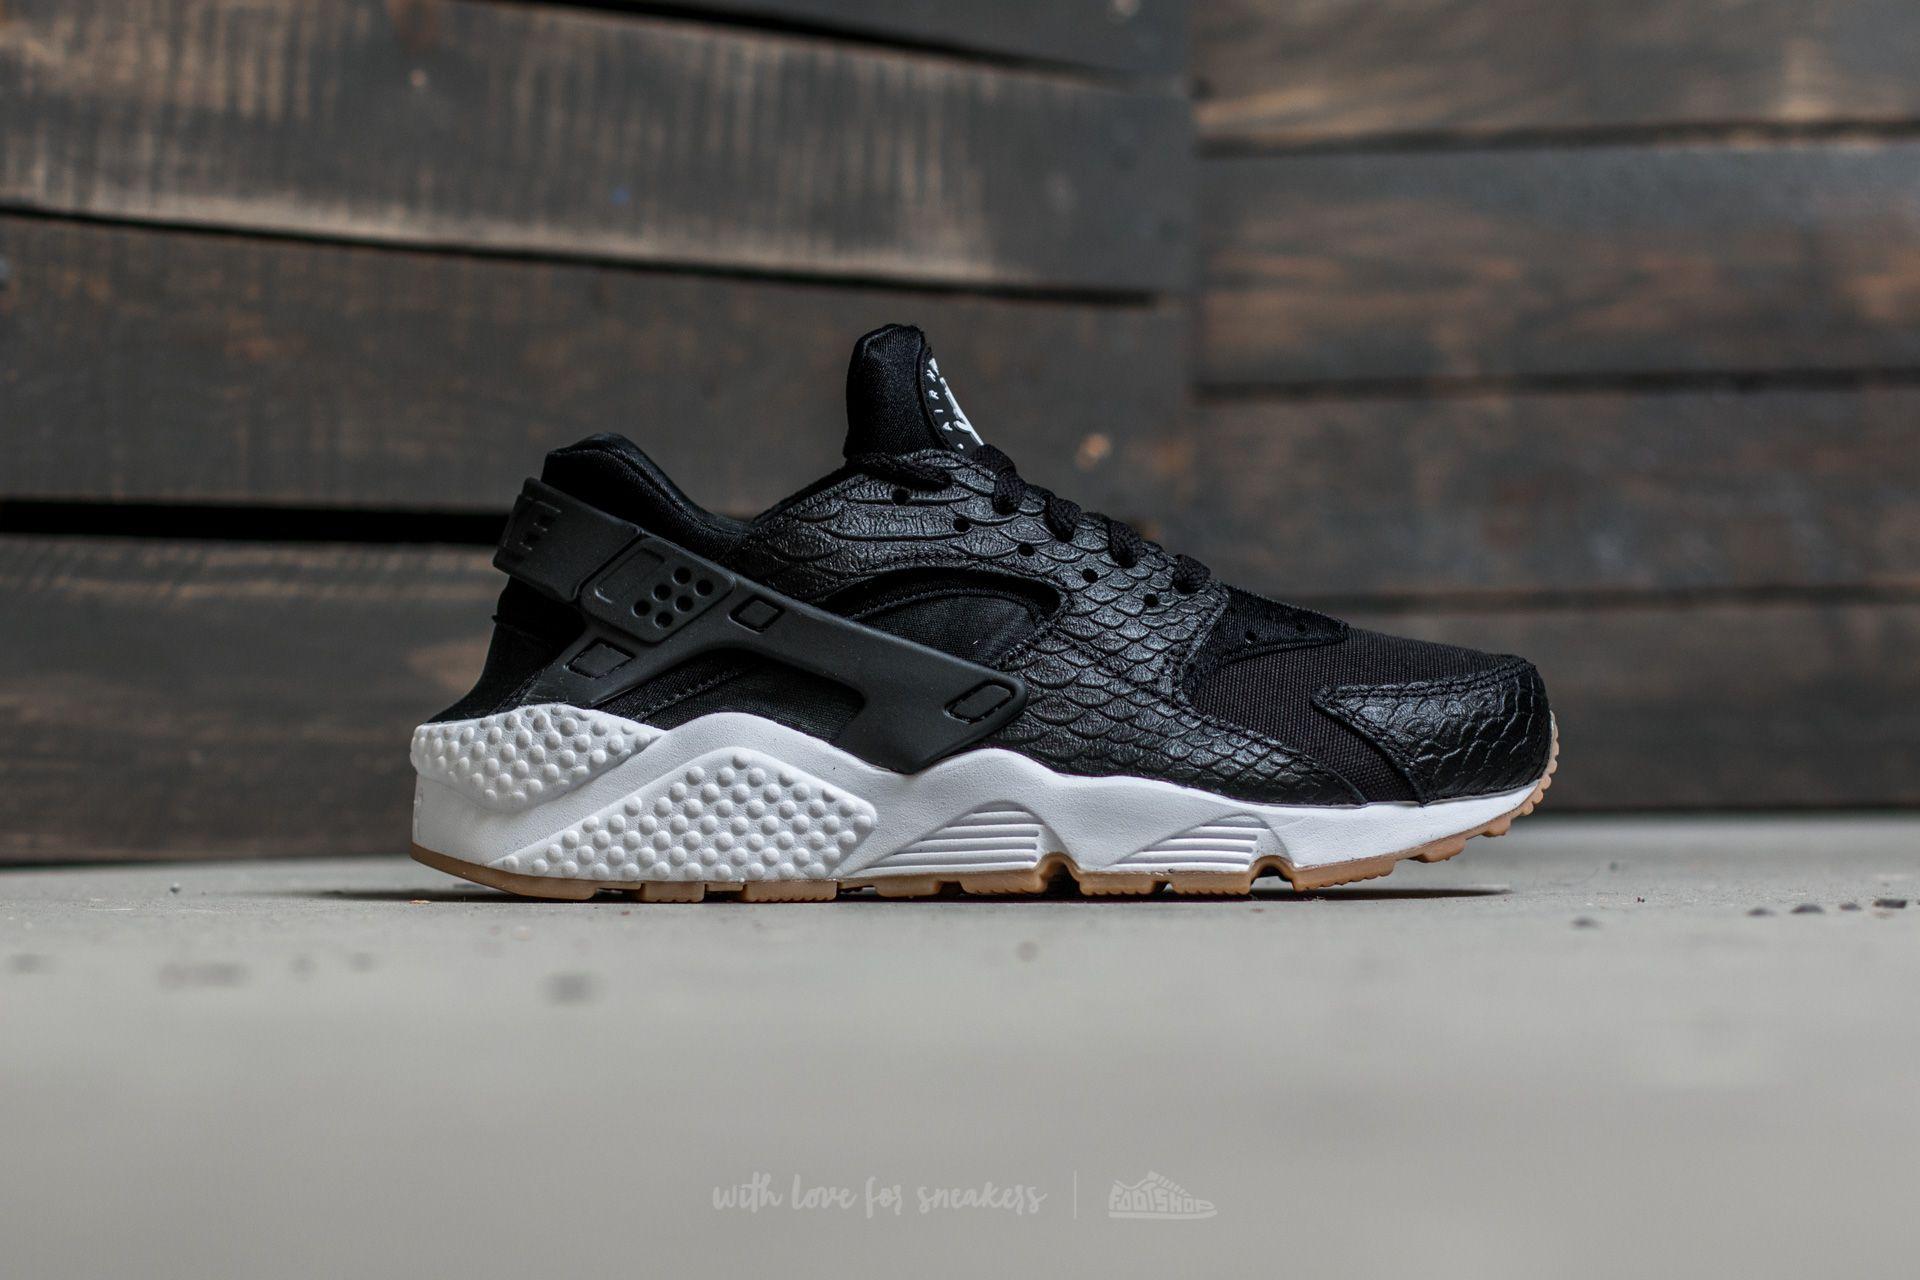 reputable site 85e3d dff02 ... Nike W Air Huarache Run SE Black Black-Gum Yellow-White at ...